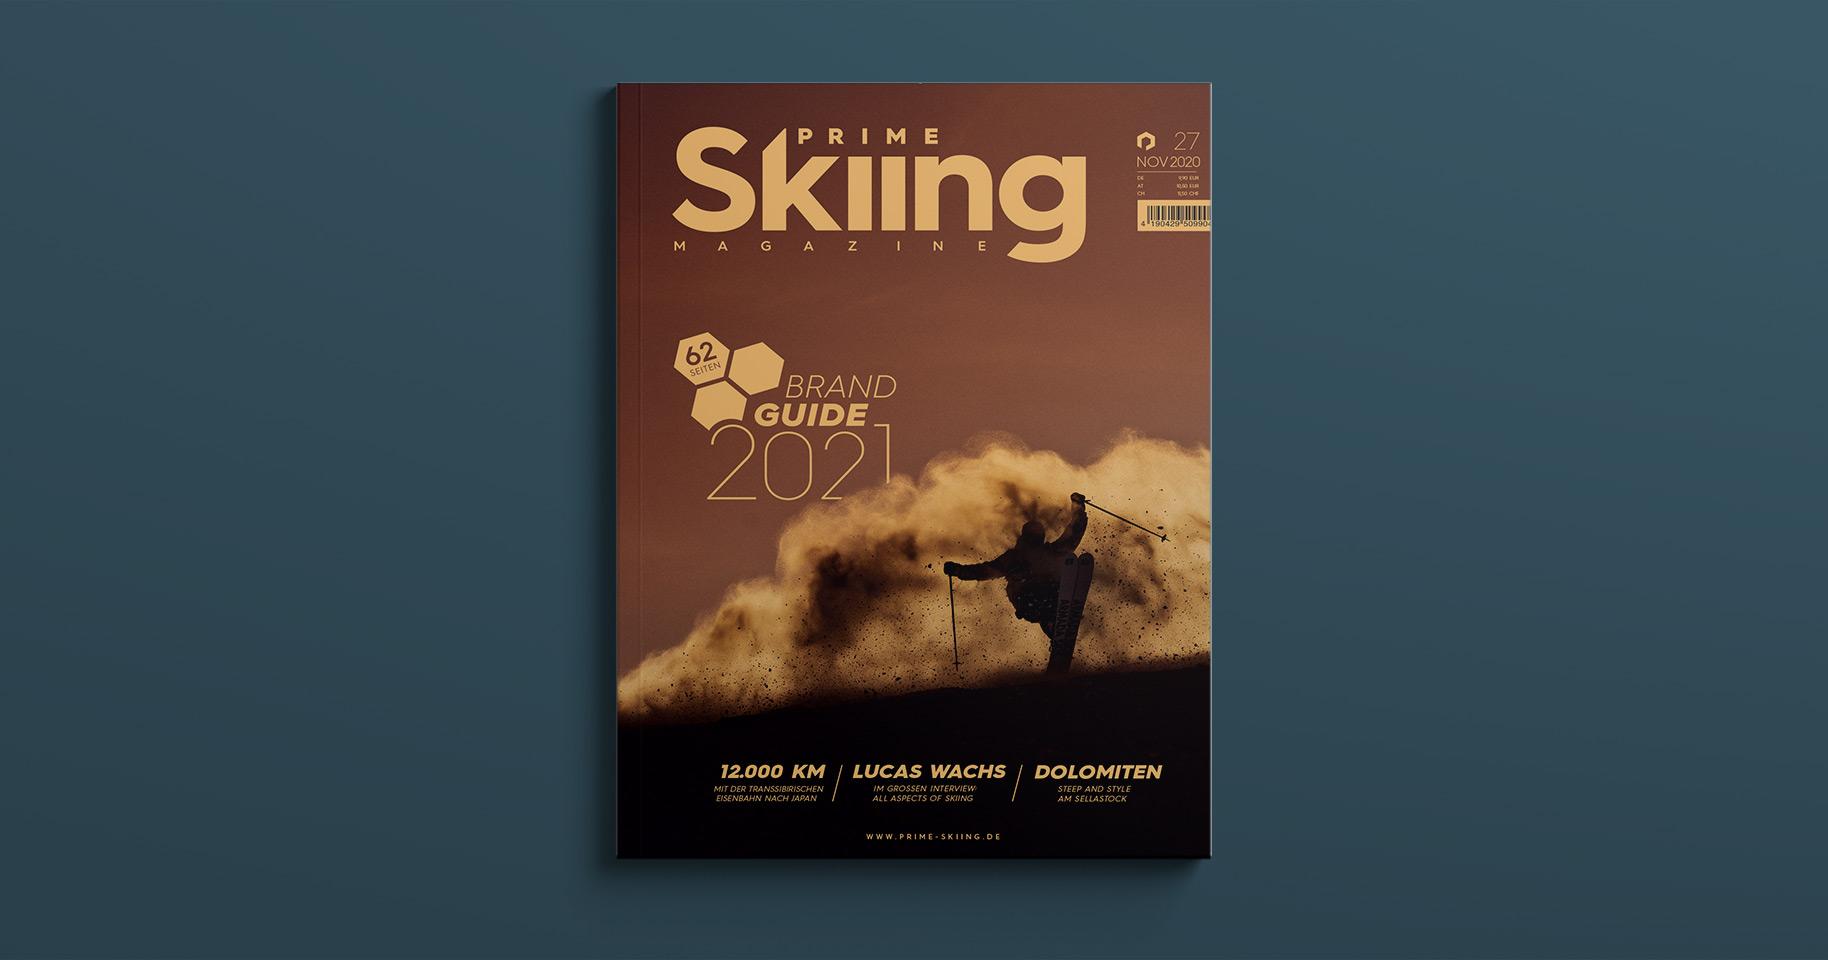 PRIME Skiing #27 – Ab sofort verfügbar!